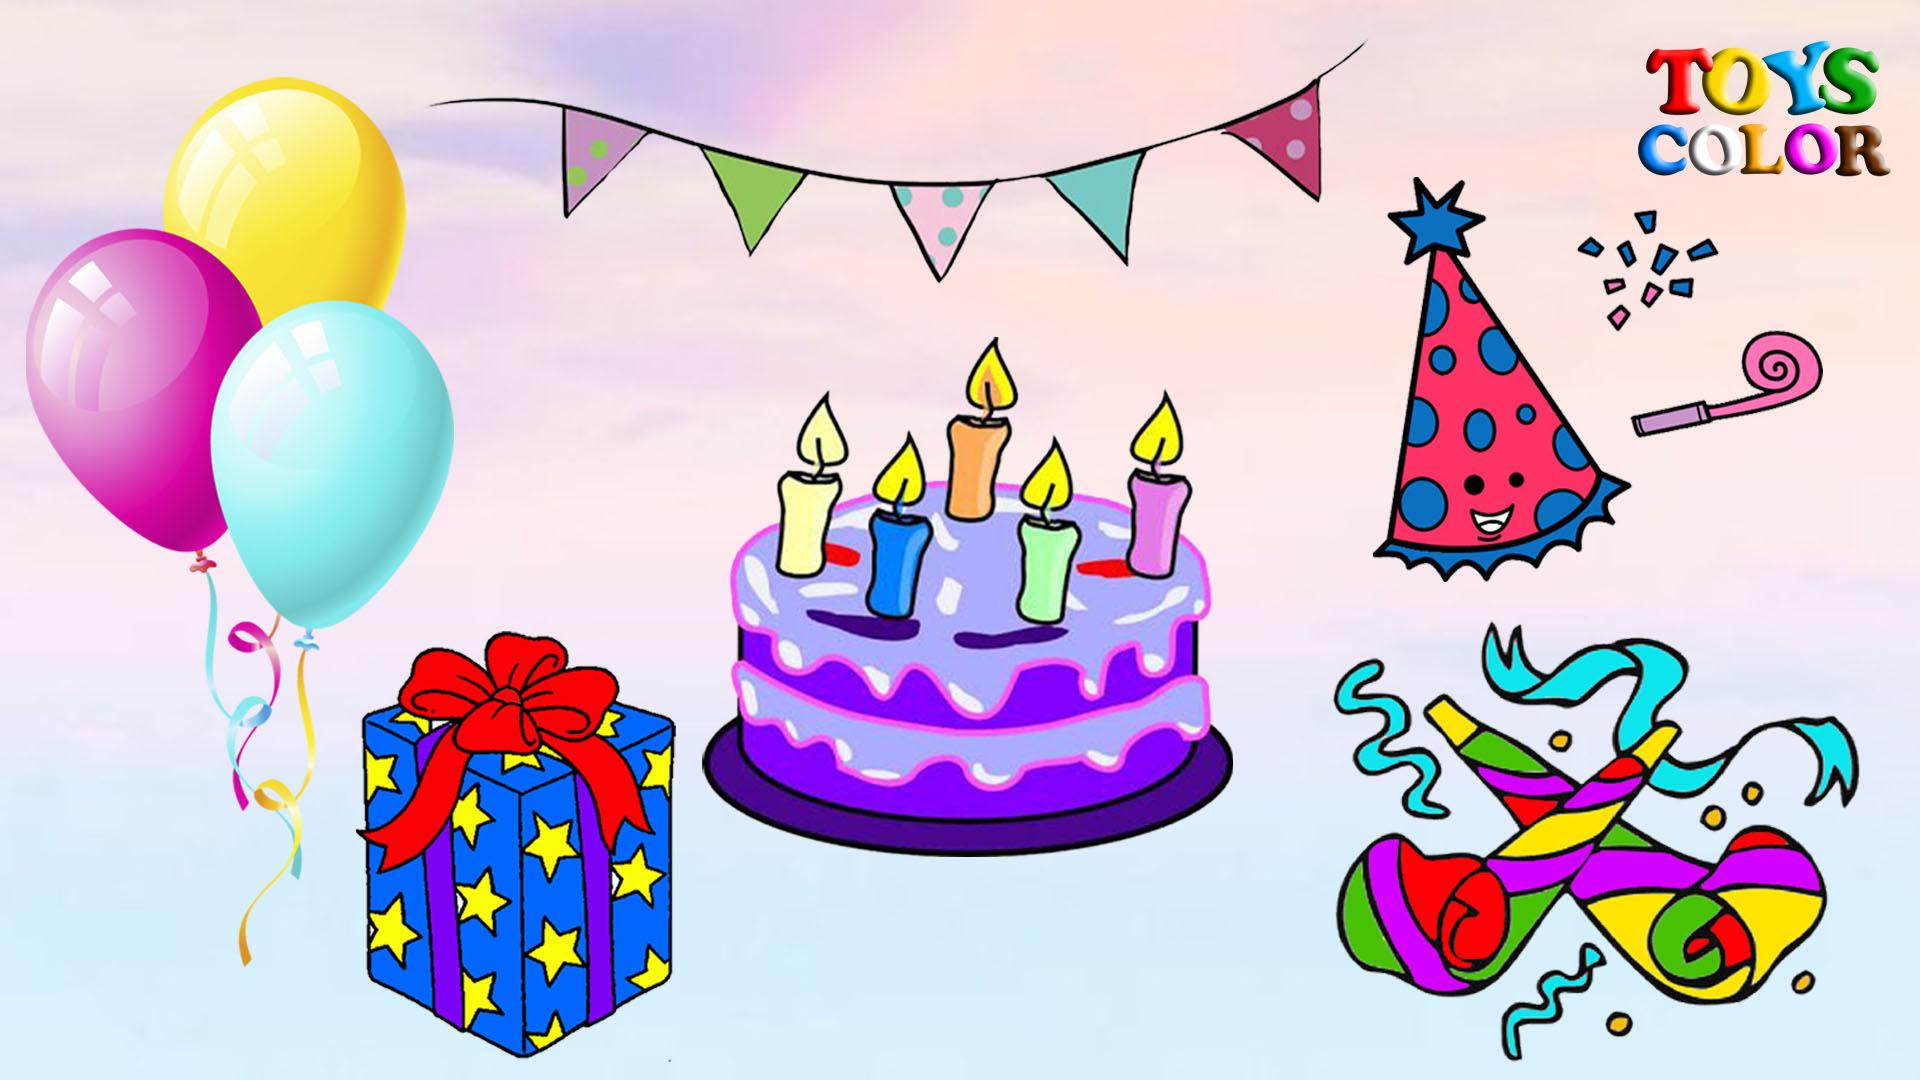 Cómo Dibujar una Fiesta de Cumpleaños para los Niños, Dibujos para Colorear Pastel, Regalos, Sombrero, Toys Color